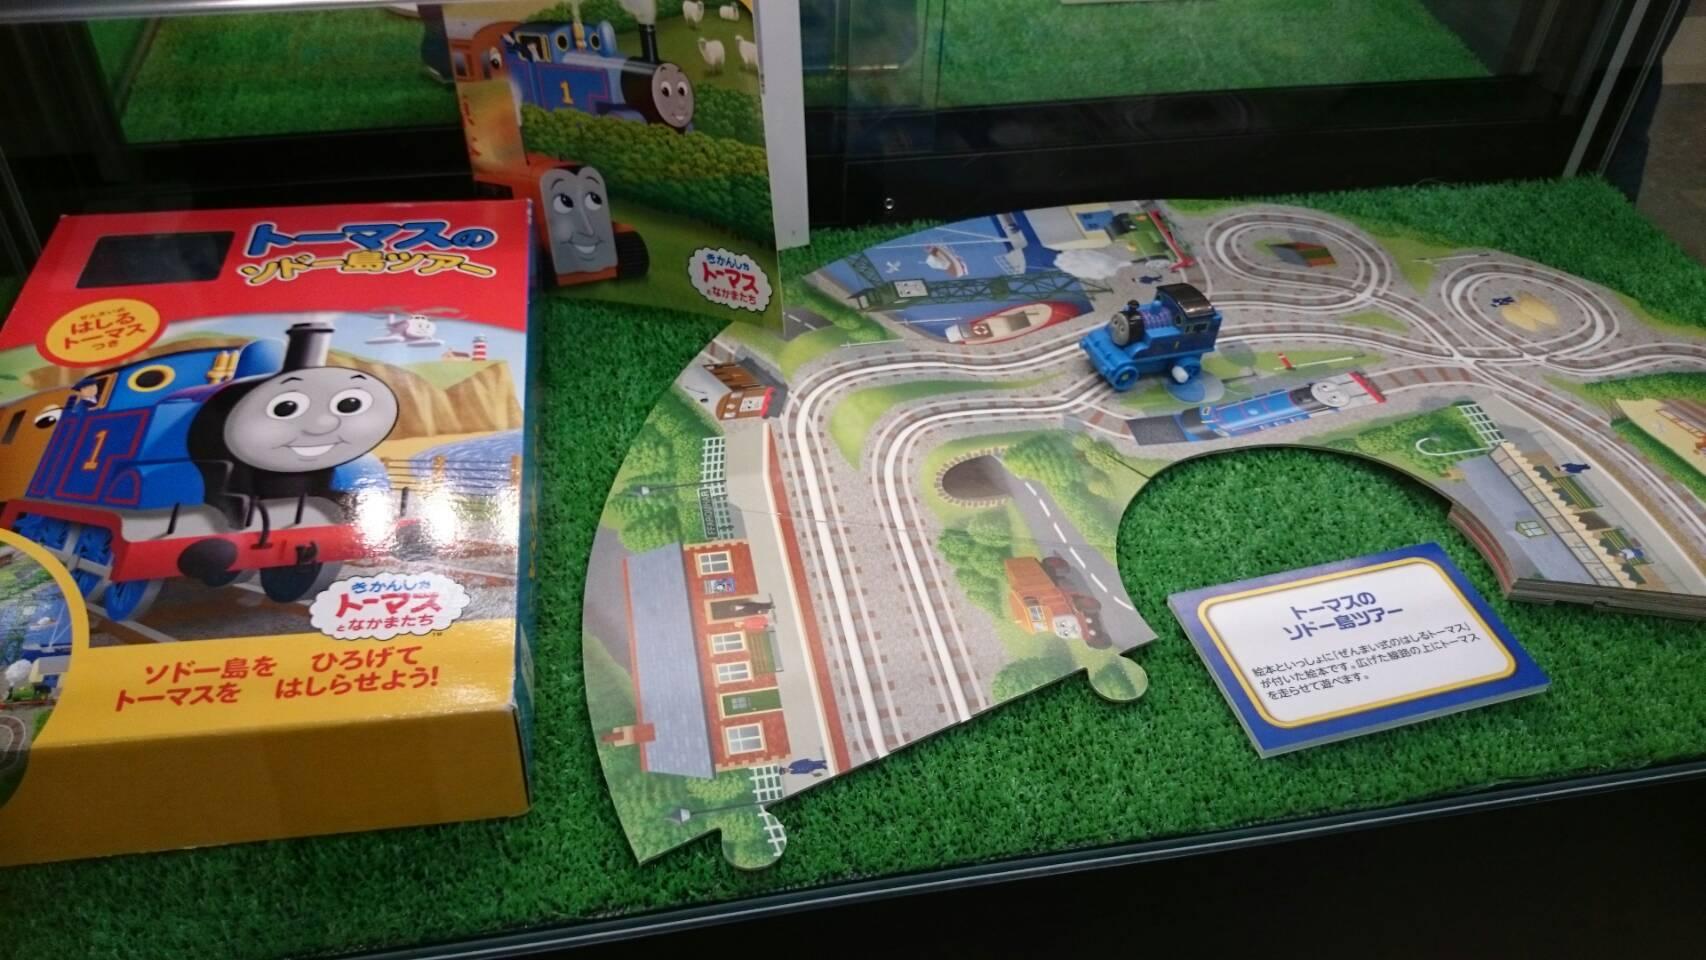 原鉄道博物館機関車トーマス展示作品